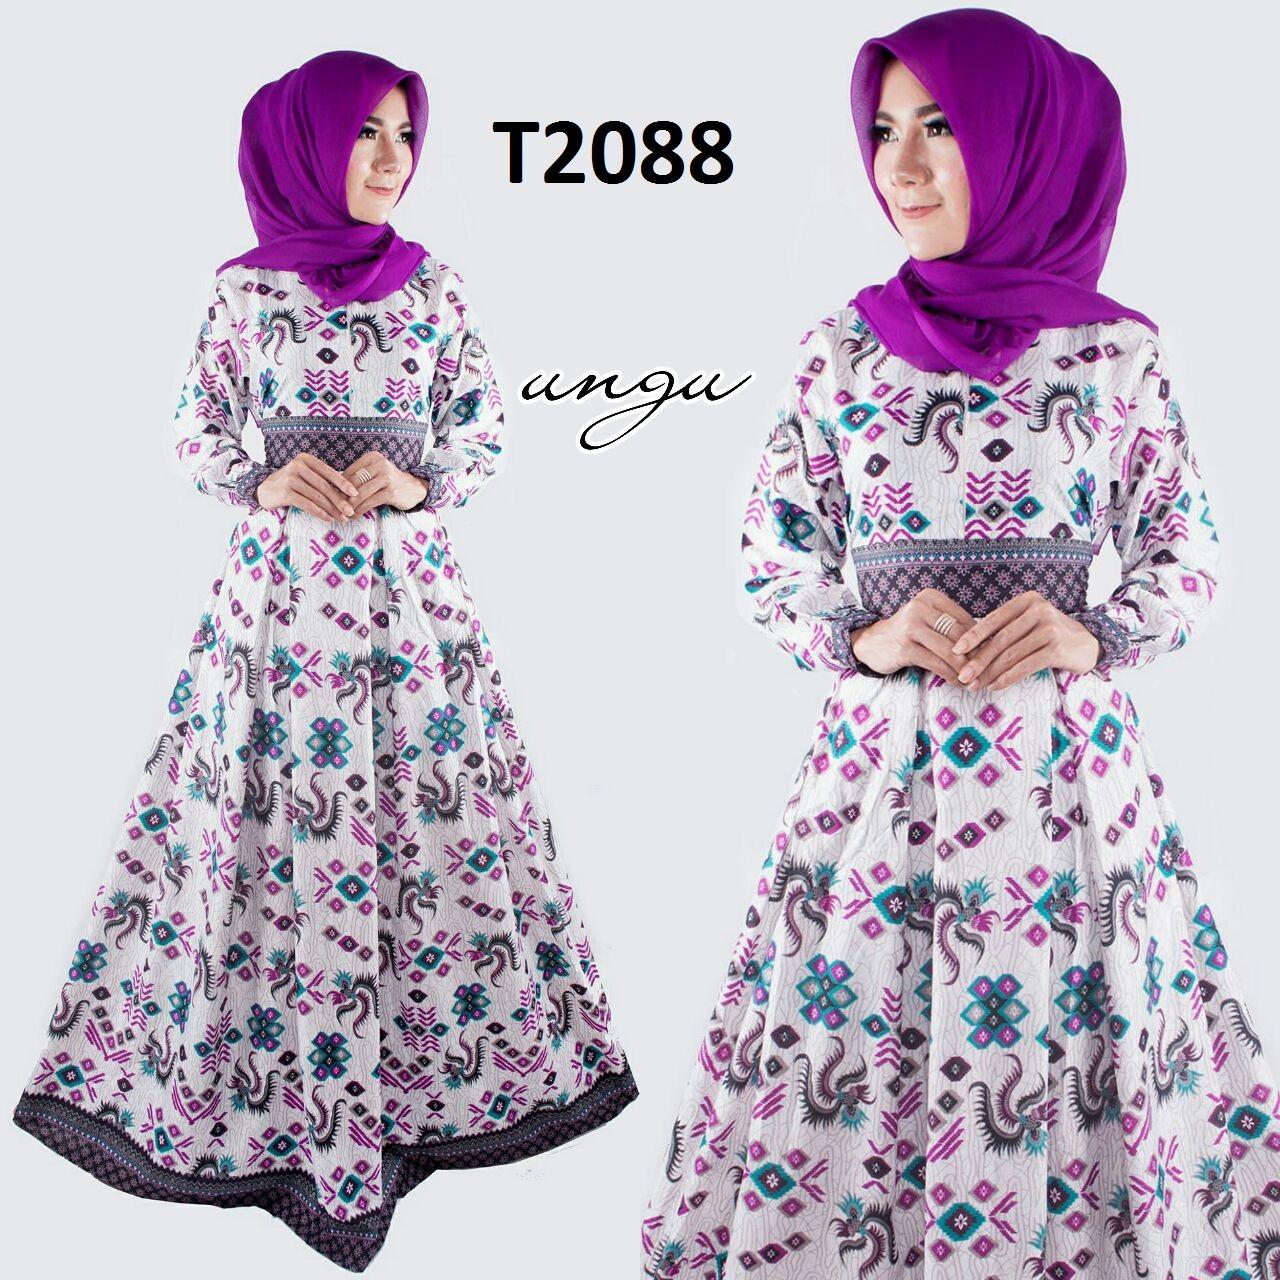 Baju batik wanita model gamis terbaru 2017 t2088 Baju gamis batik ibu menyusui